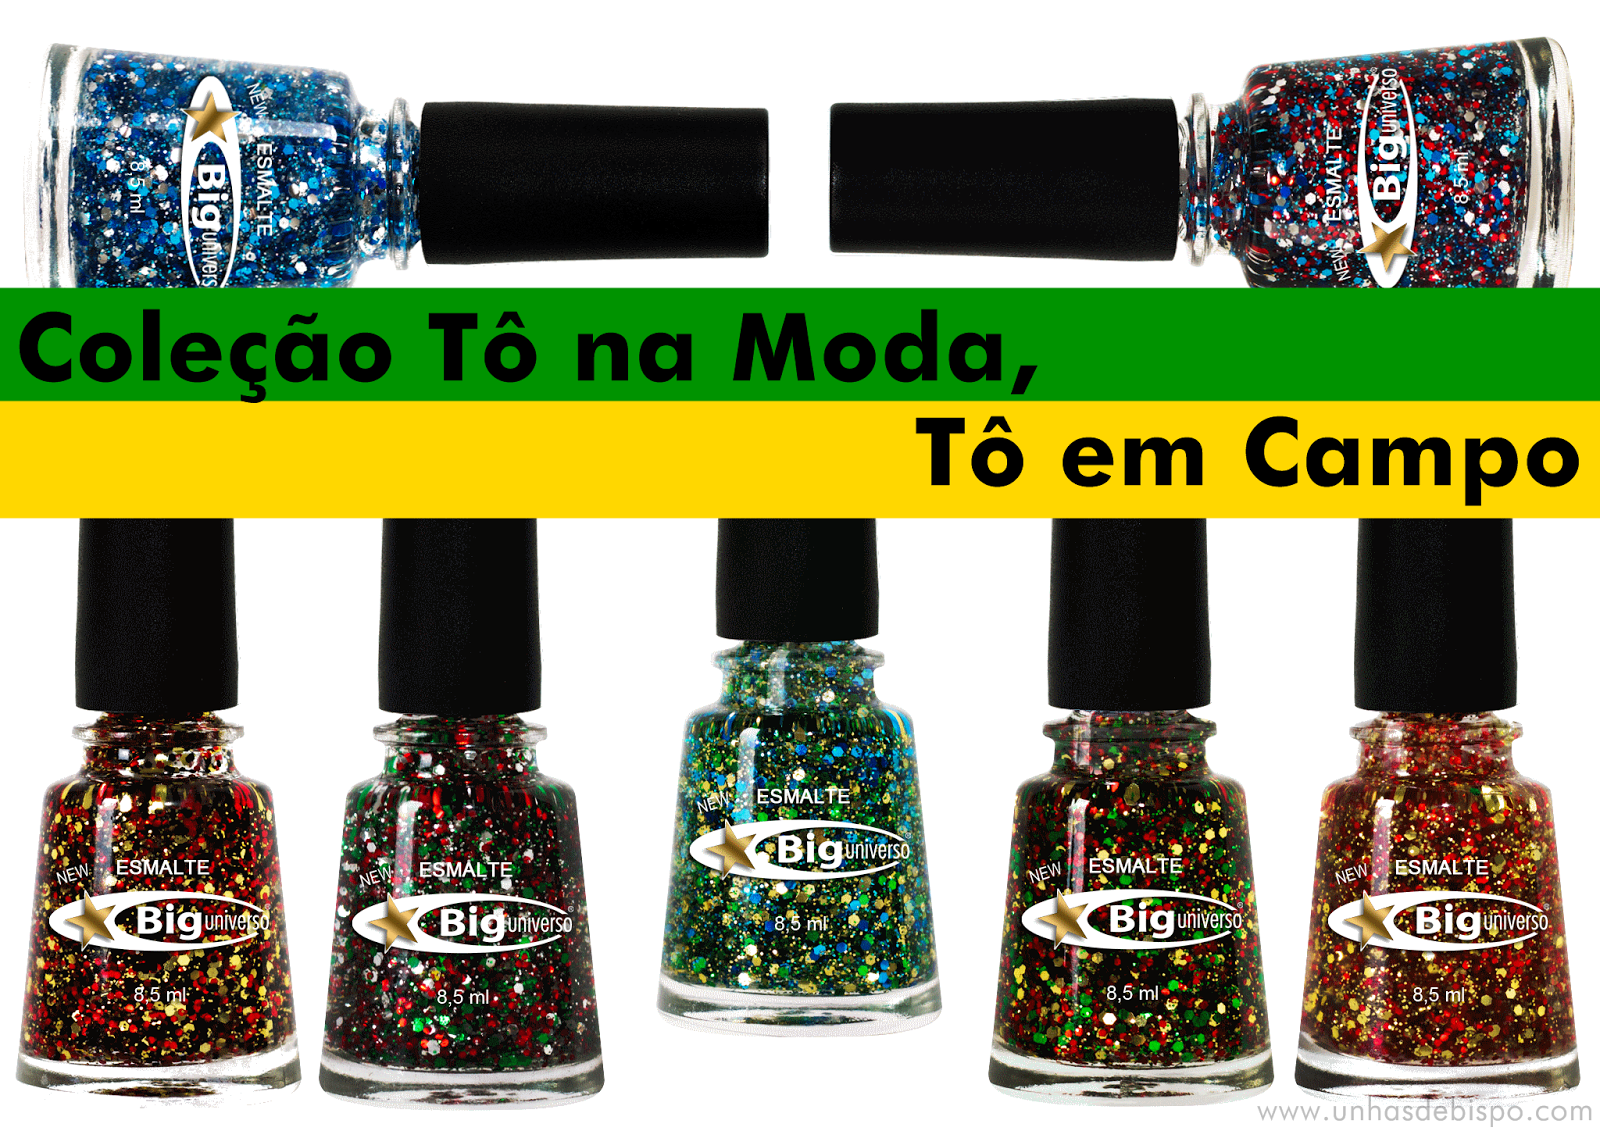 Esmaltes-da-Copa-se-destacam-entre-lançamentos-de-abril-Big-Universo-Tô-na-Moda-Tô-em-Campo.02